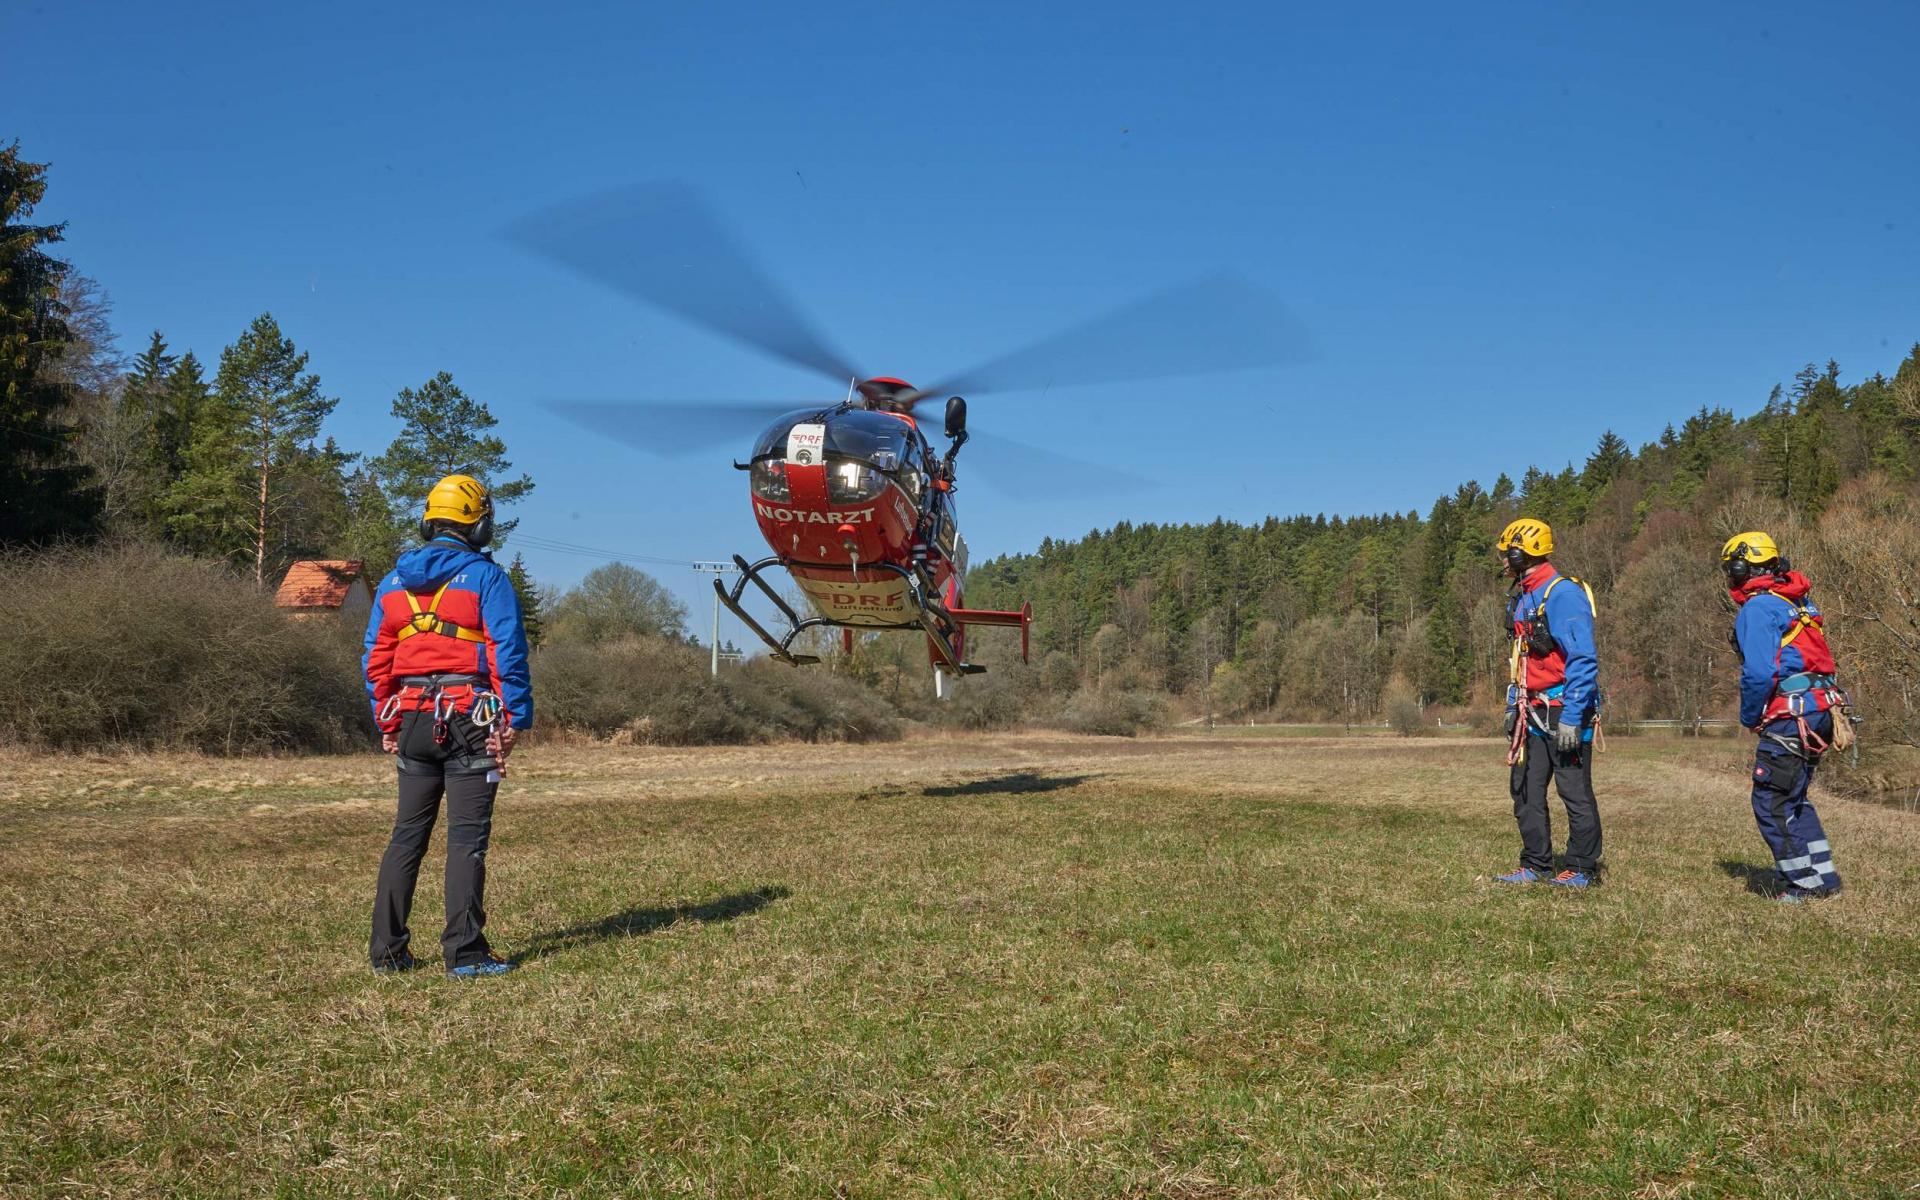 Unterstützt wird die DRF Luftrettung bei diesen Übungen durch die Bergwacht. (Foto: Michael Meyer)